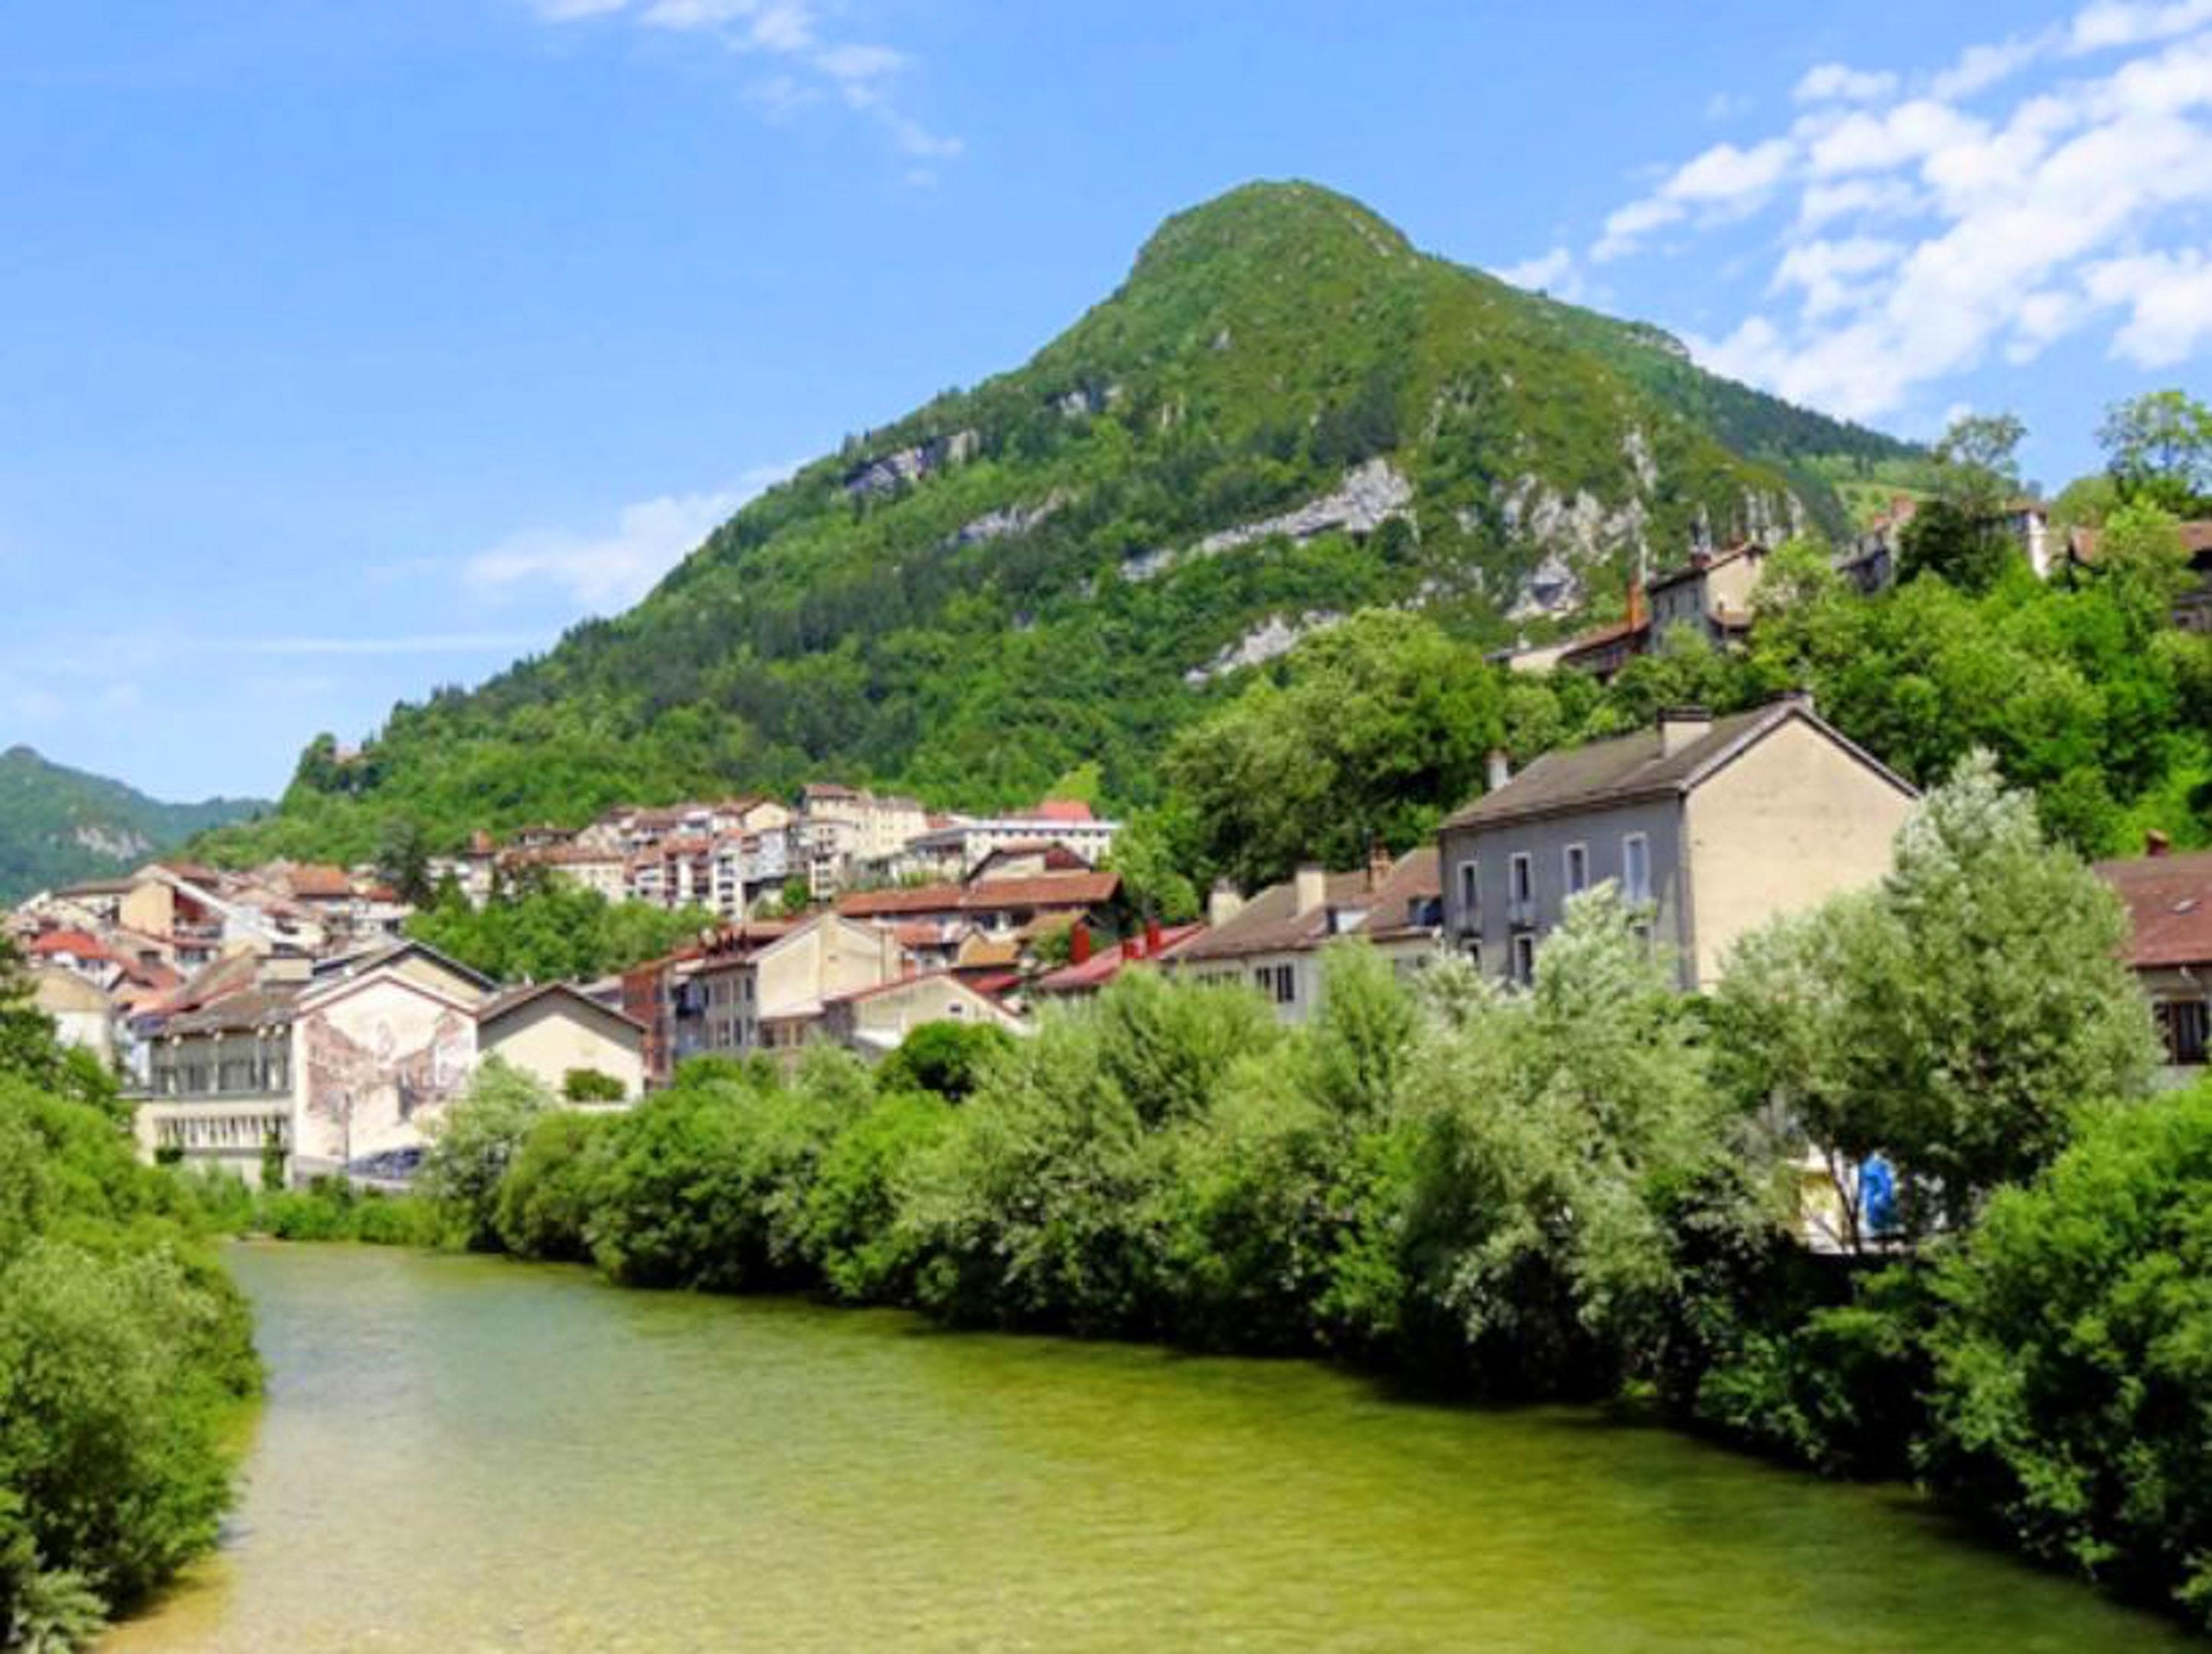 Maison de vacances Haus mit 2 Schlafzimmern in Villard-Saint-Sauveur mit toller Aussicht auf die Berge und ei (2704040), Villard sur Bienne, Jura, Franche-Comté, France, image 13